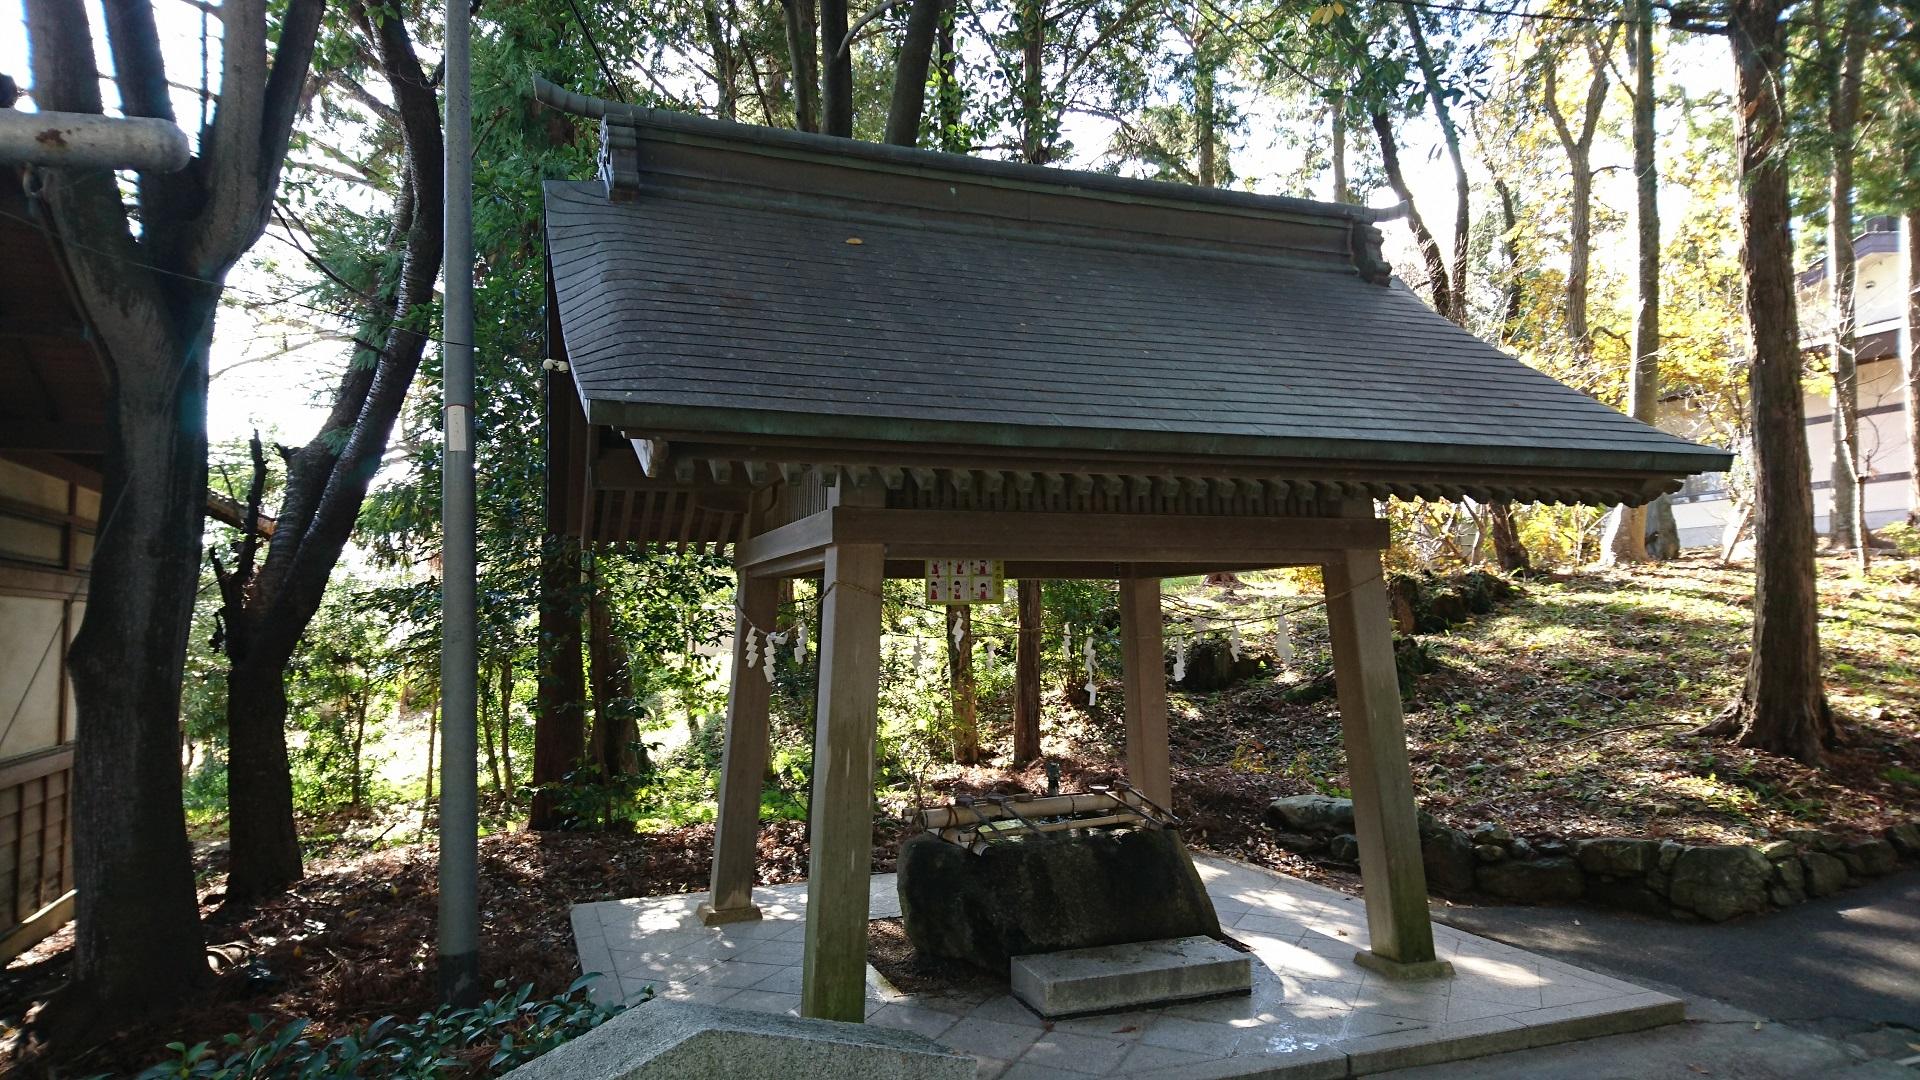 2016.12.23 井伊谷宮 (3) ちょうずや 1920-1080